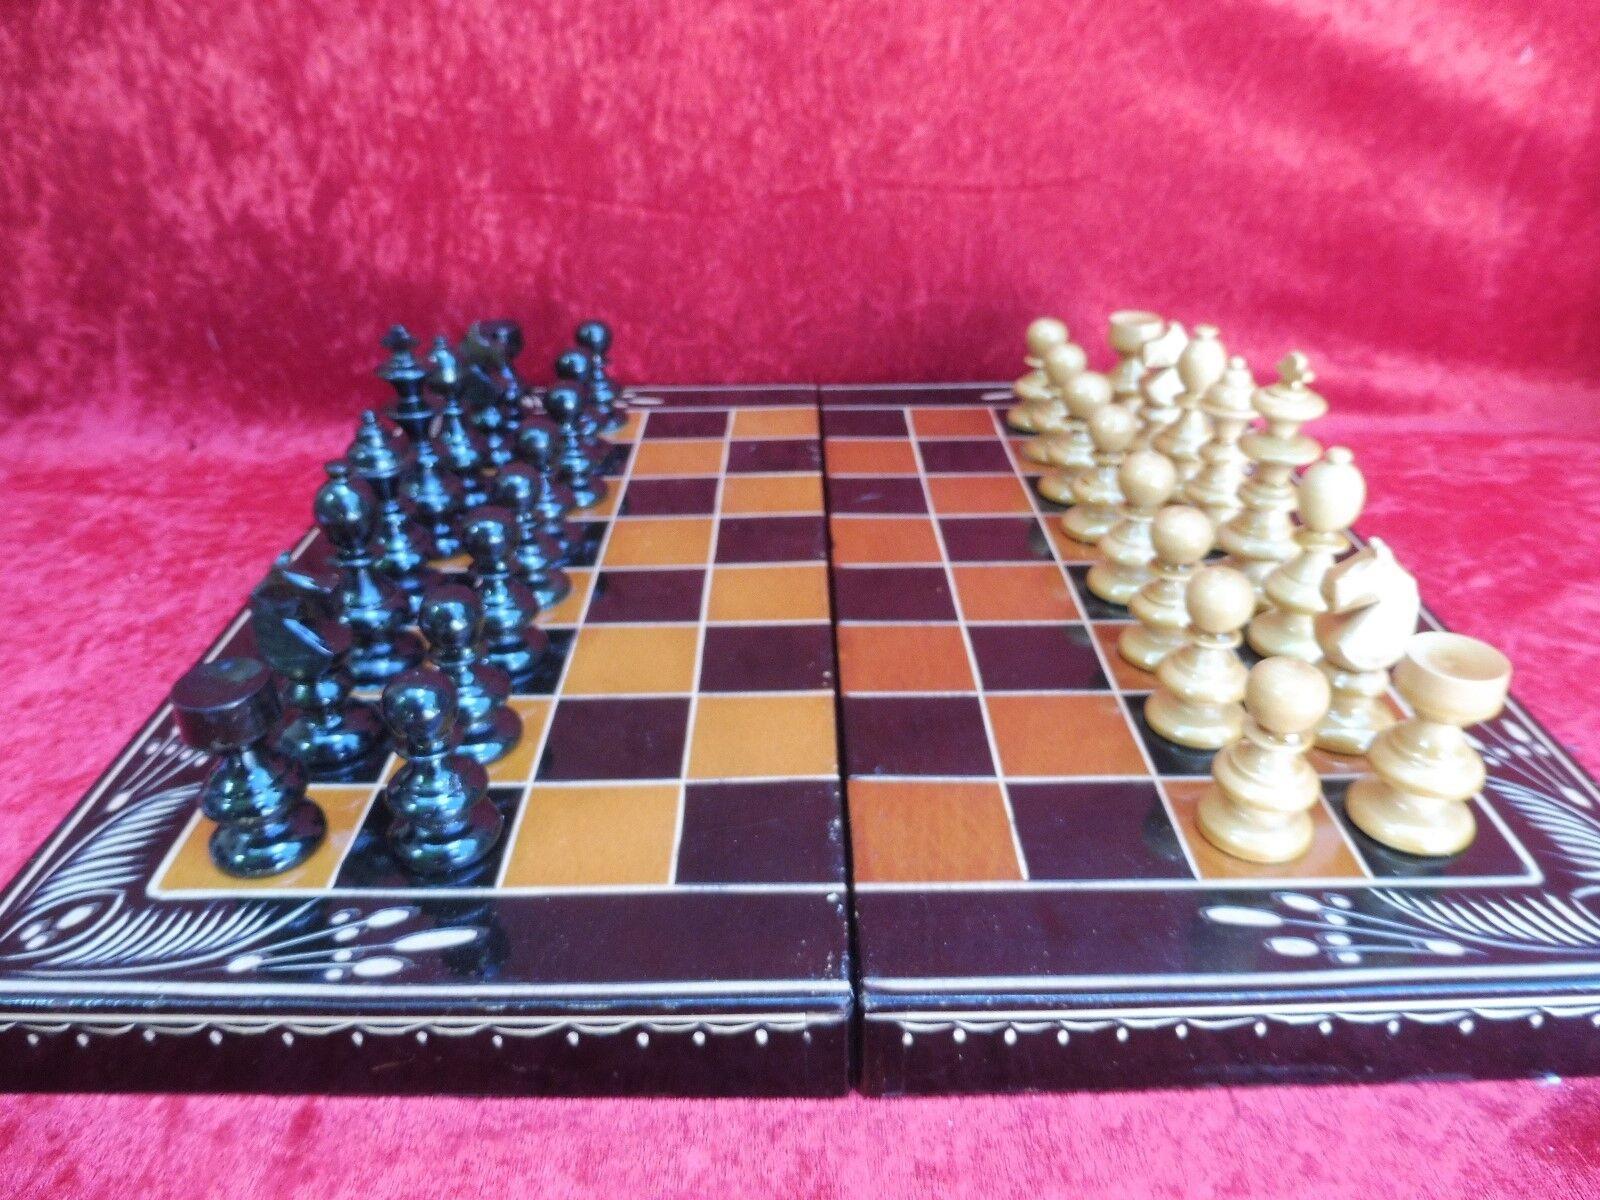 Schönes,altes Schachspiel__Holz__Schatulle__m.Bachgammon__44cm x 44cm